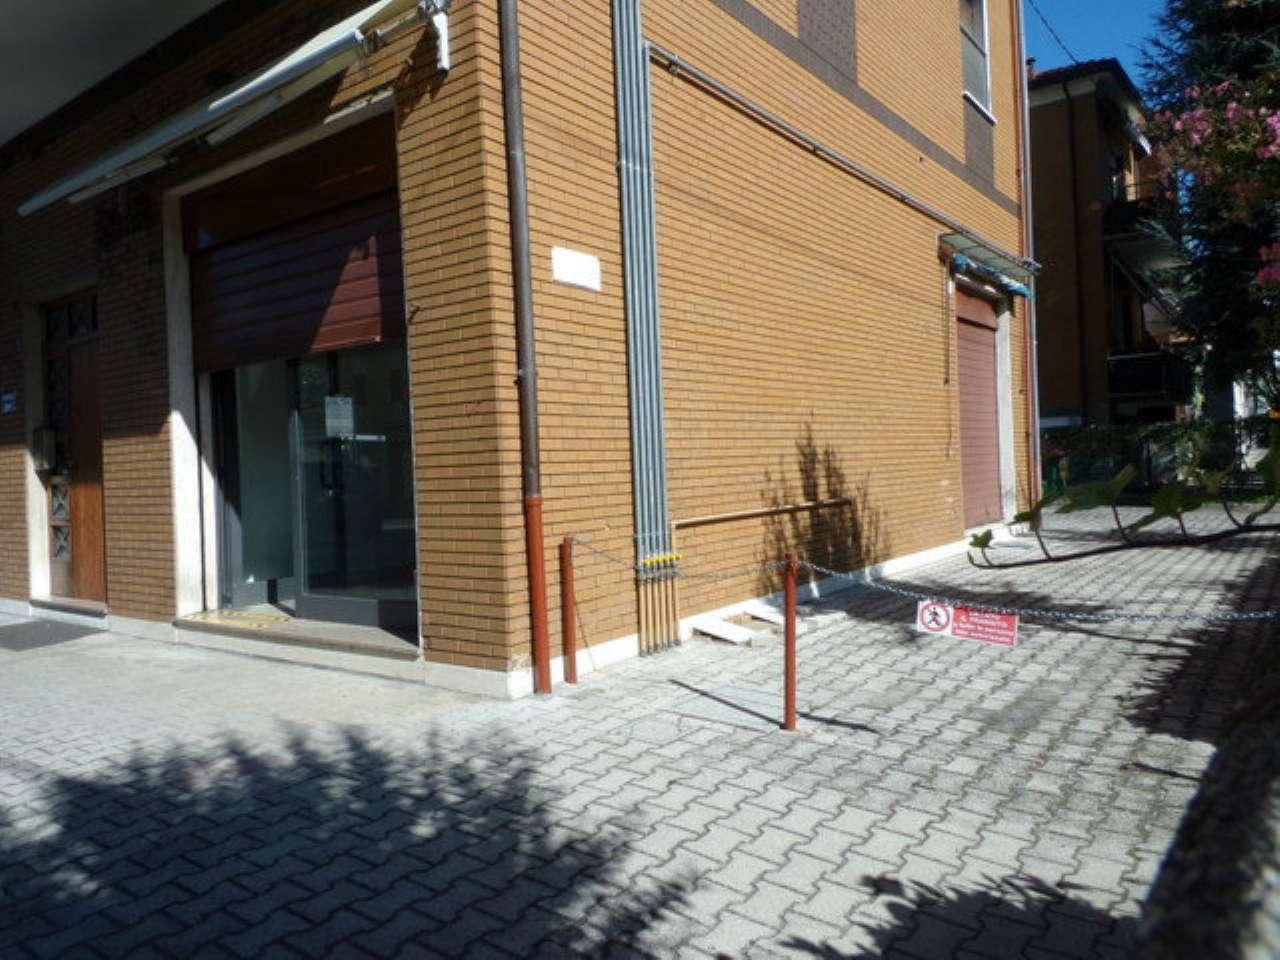 Negozio / Locale in affitto a Forlì, 2 locali, prezzo € 500 | CambioCasa.it